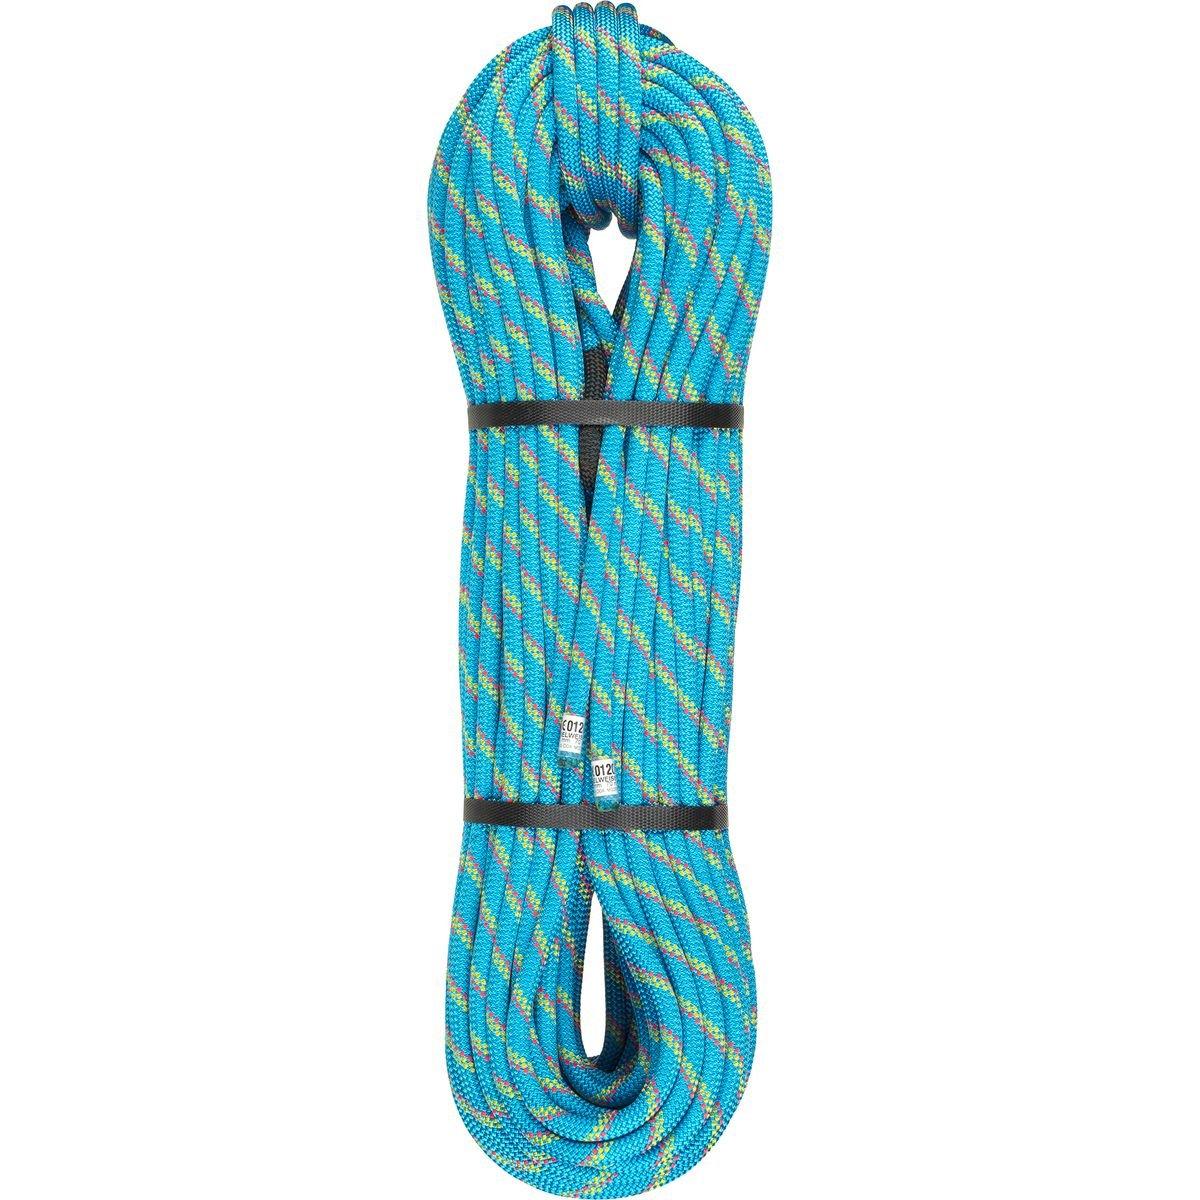 【超歓迎された】 Edelweiss Excess 9.6 MM Everdry Unicoreクライミングロープ ブルー B01H8YZ5QO ブルー 80m MM Edelweiss 80m|ブルー, 伊勢市:01514cfd --- advertdigitalmantra.com